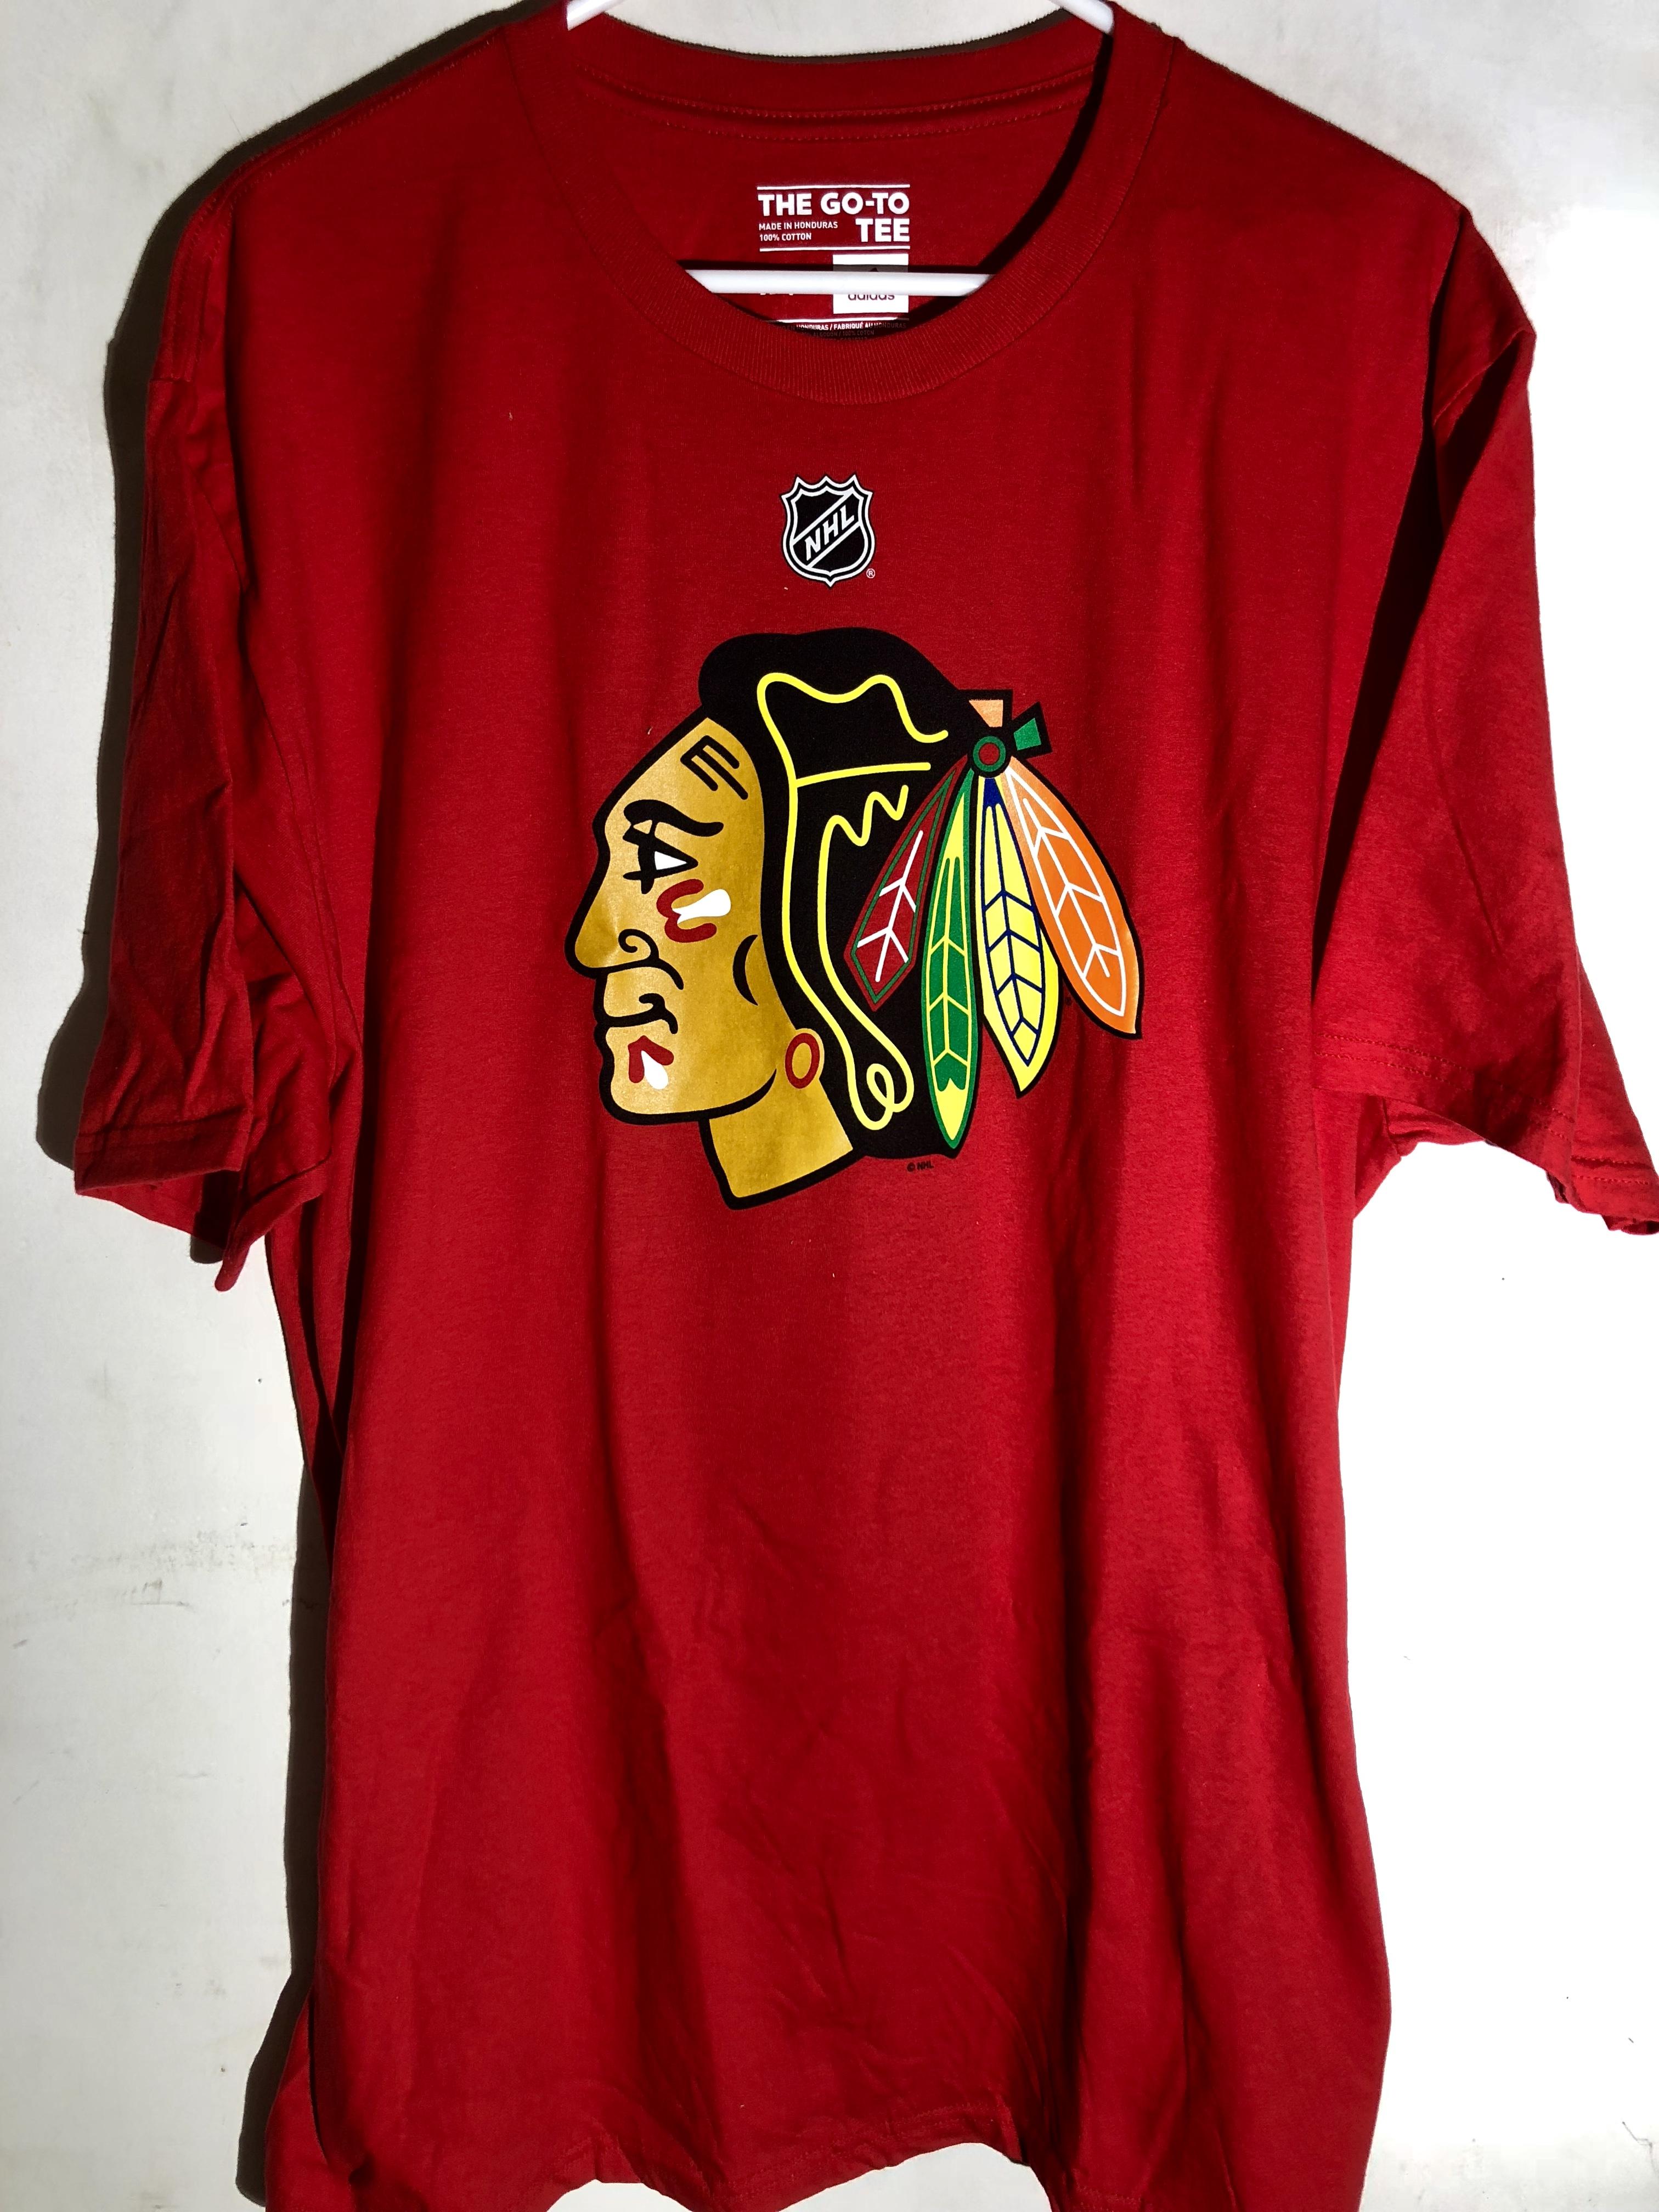 108a5be37 adidas NHL Tee Chicago Blackhawks Niklas Hjalmarsson Red sz XL | eBay